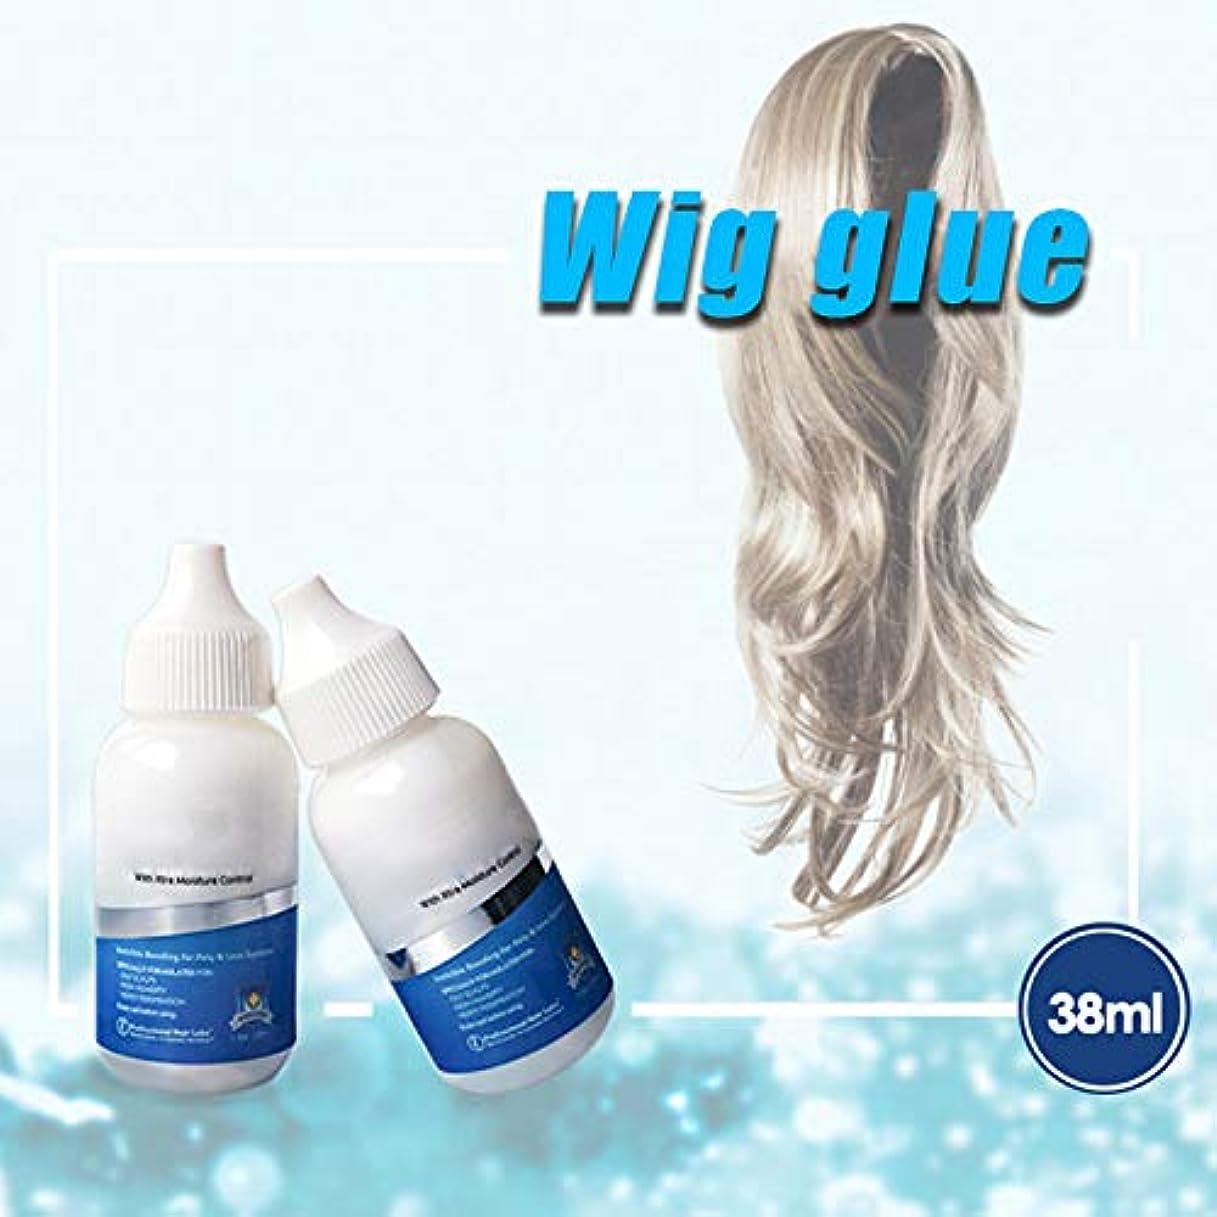 トラブル階下バトルBeaurtty ポリレースヘアピースウィッグのため 髪の交換用接着剤目に見えない 接着剤接着剤余分な水分の制御